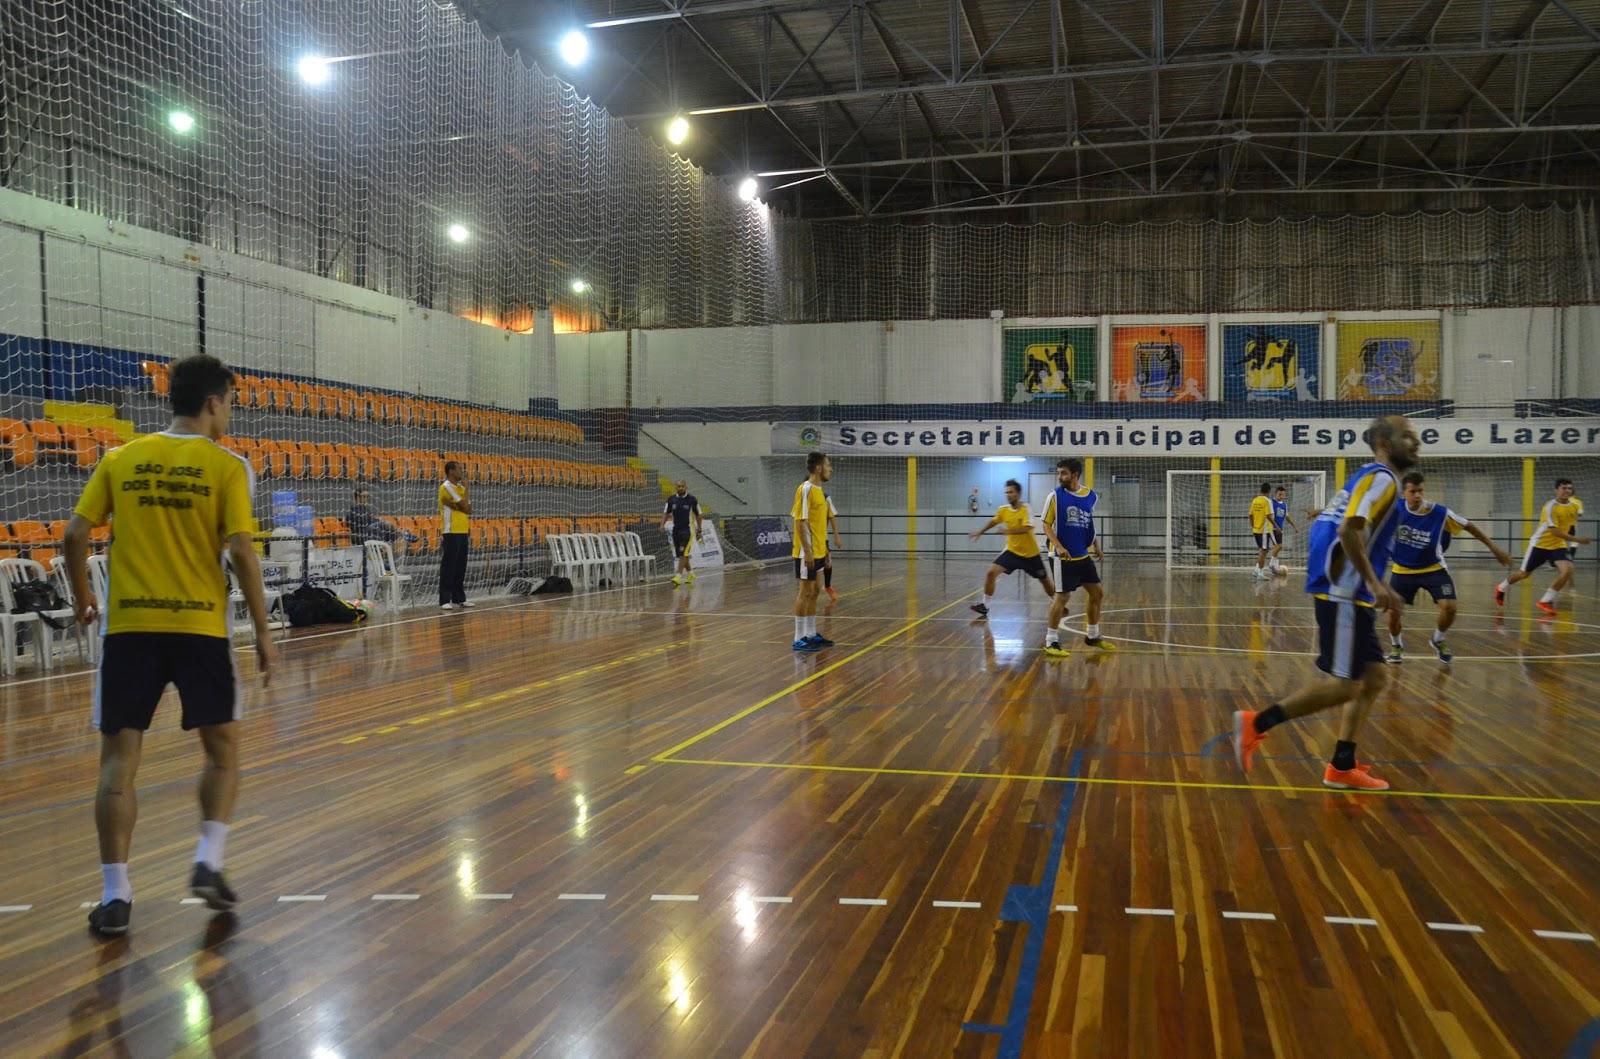 9afc57ced1fc4 Novo Futsal São José dos Pinhais faz último treino e técnico Vinicius  França define relacionados para o amistoso em Guarapuava